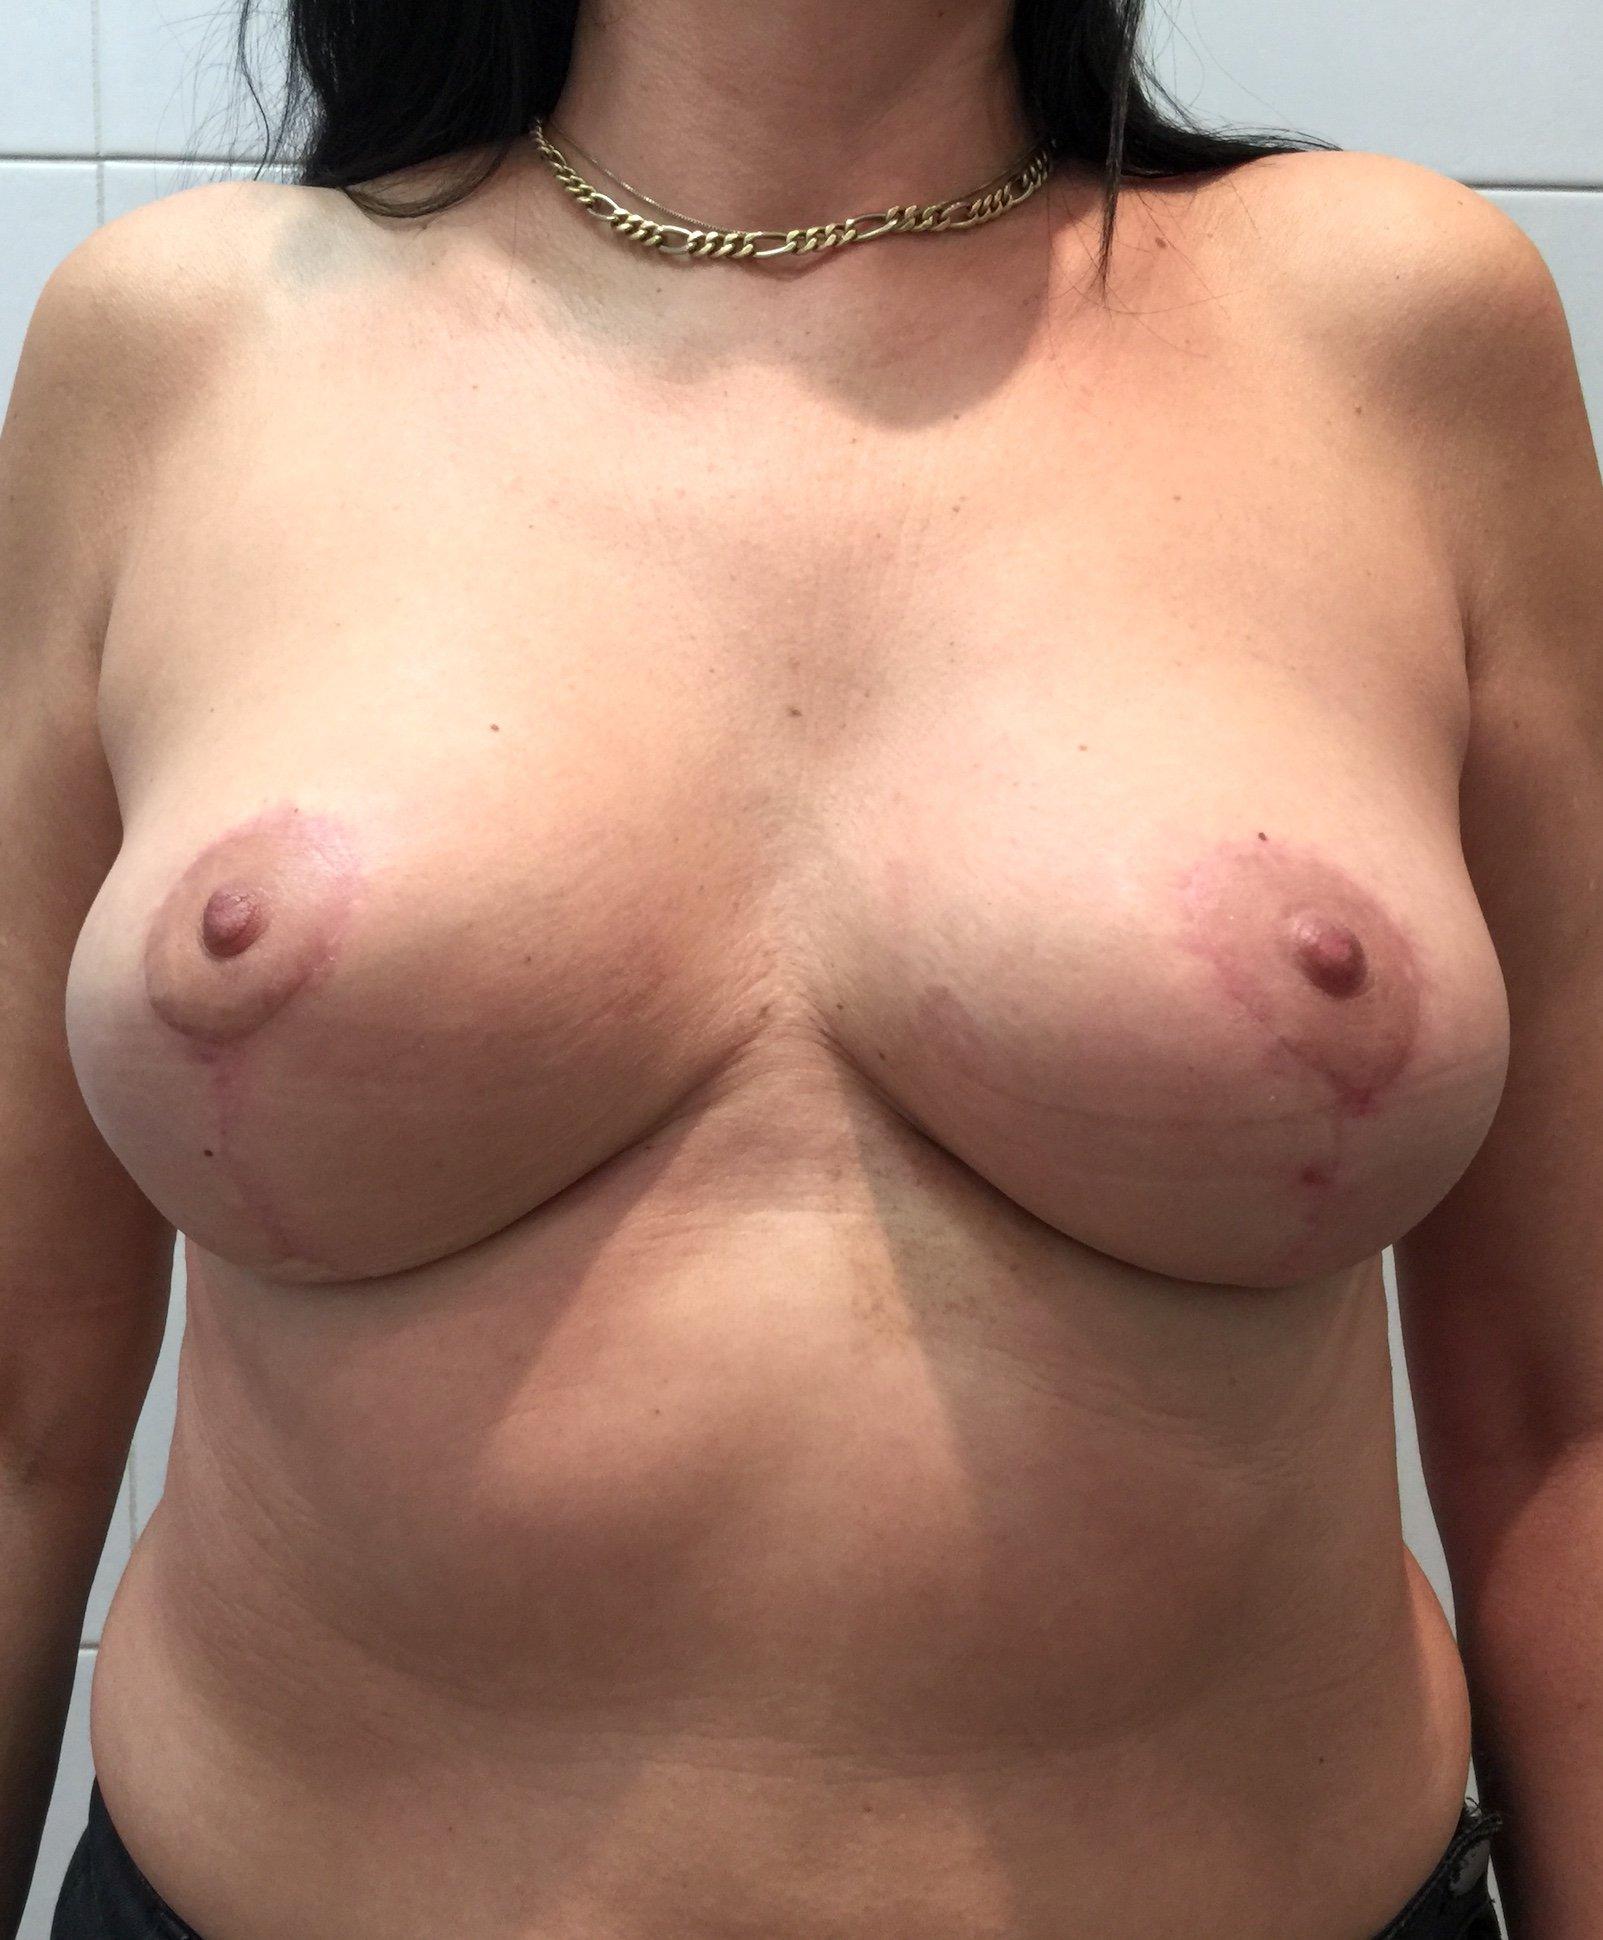 Маленькая грудь нравится